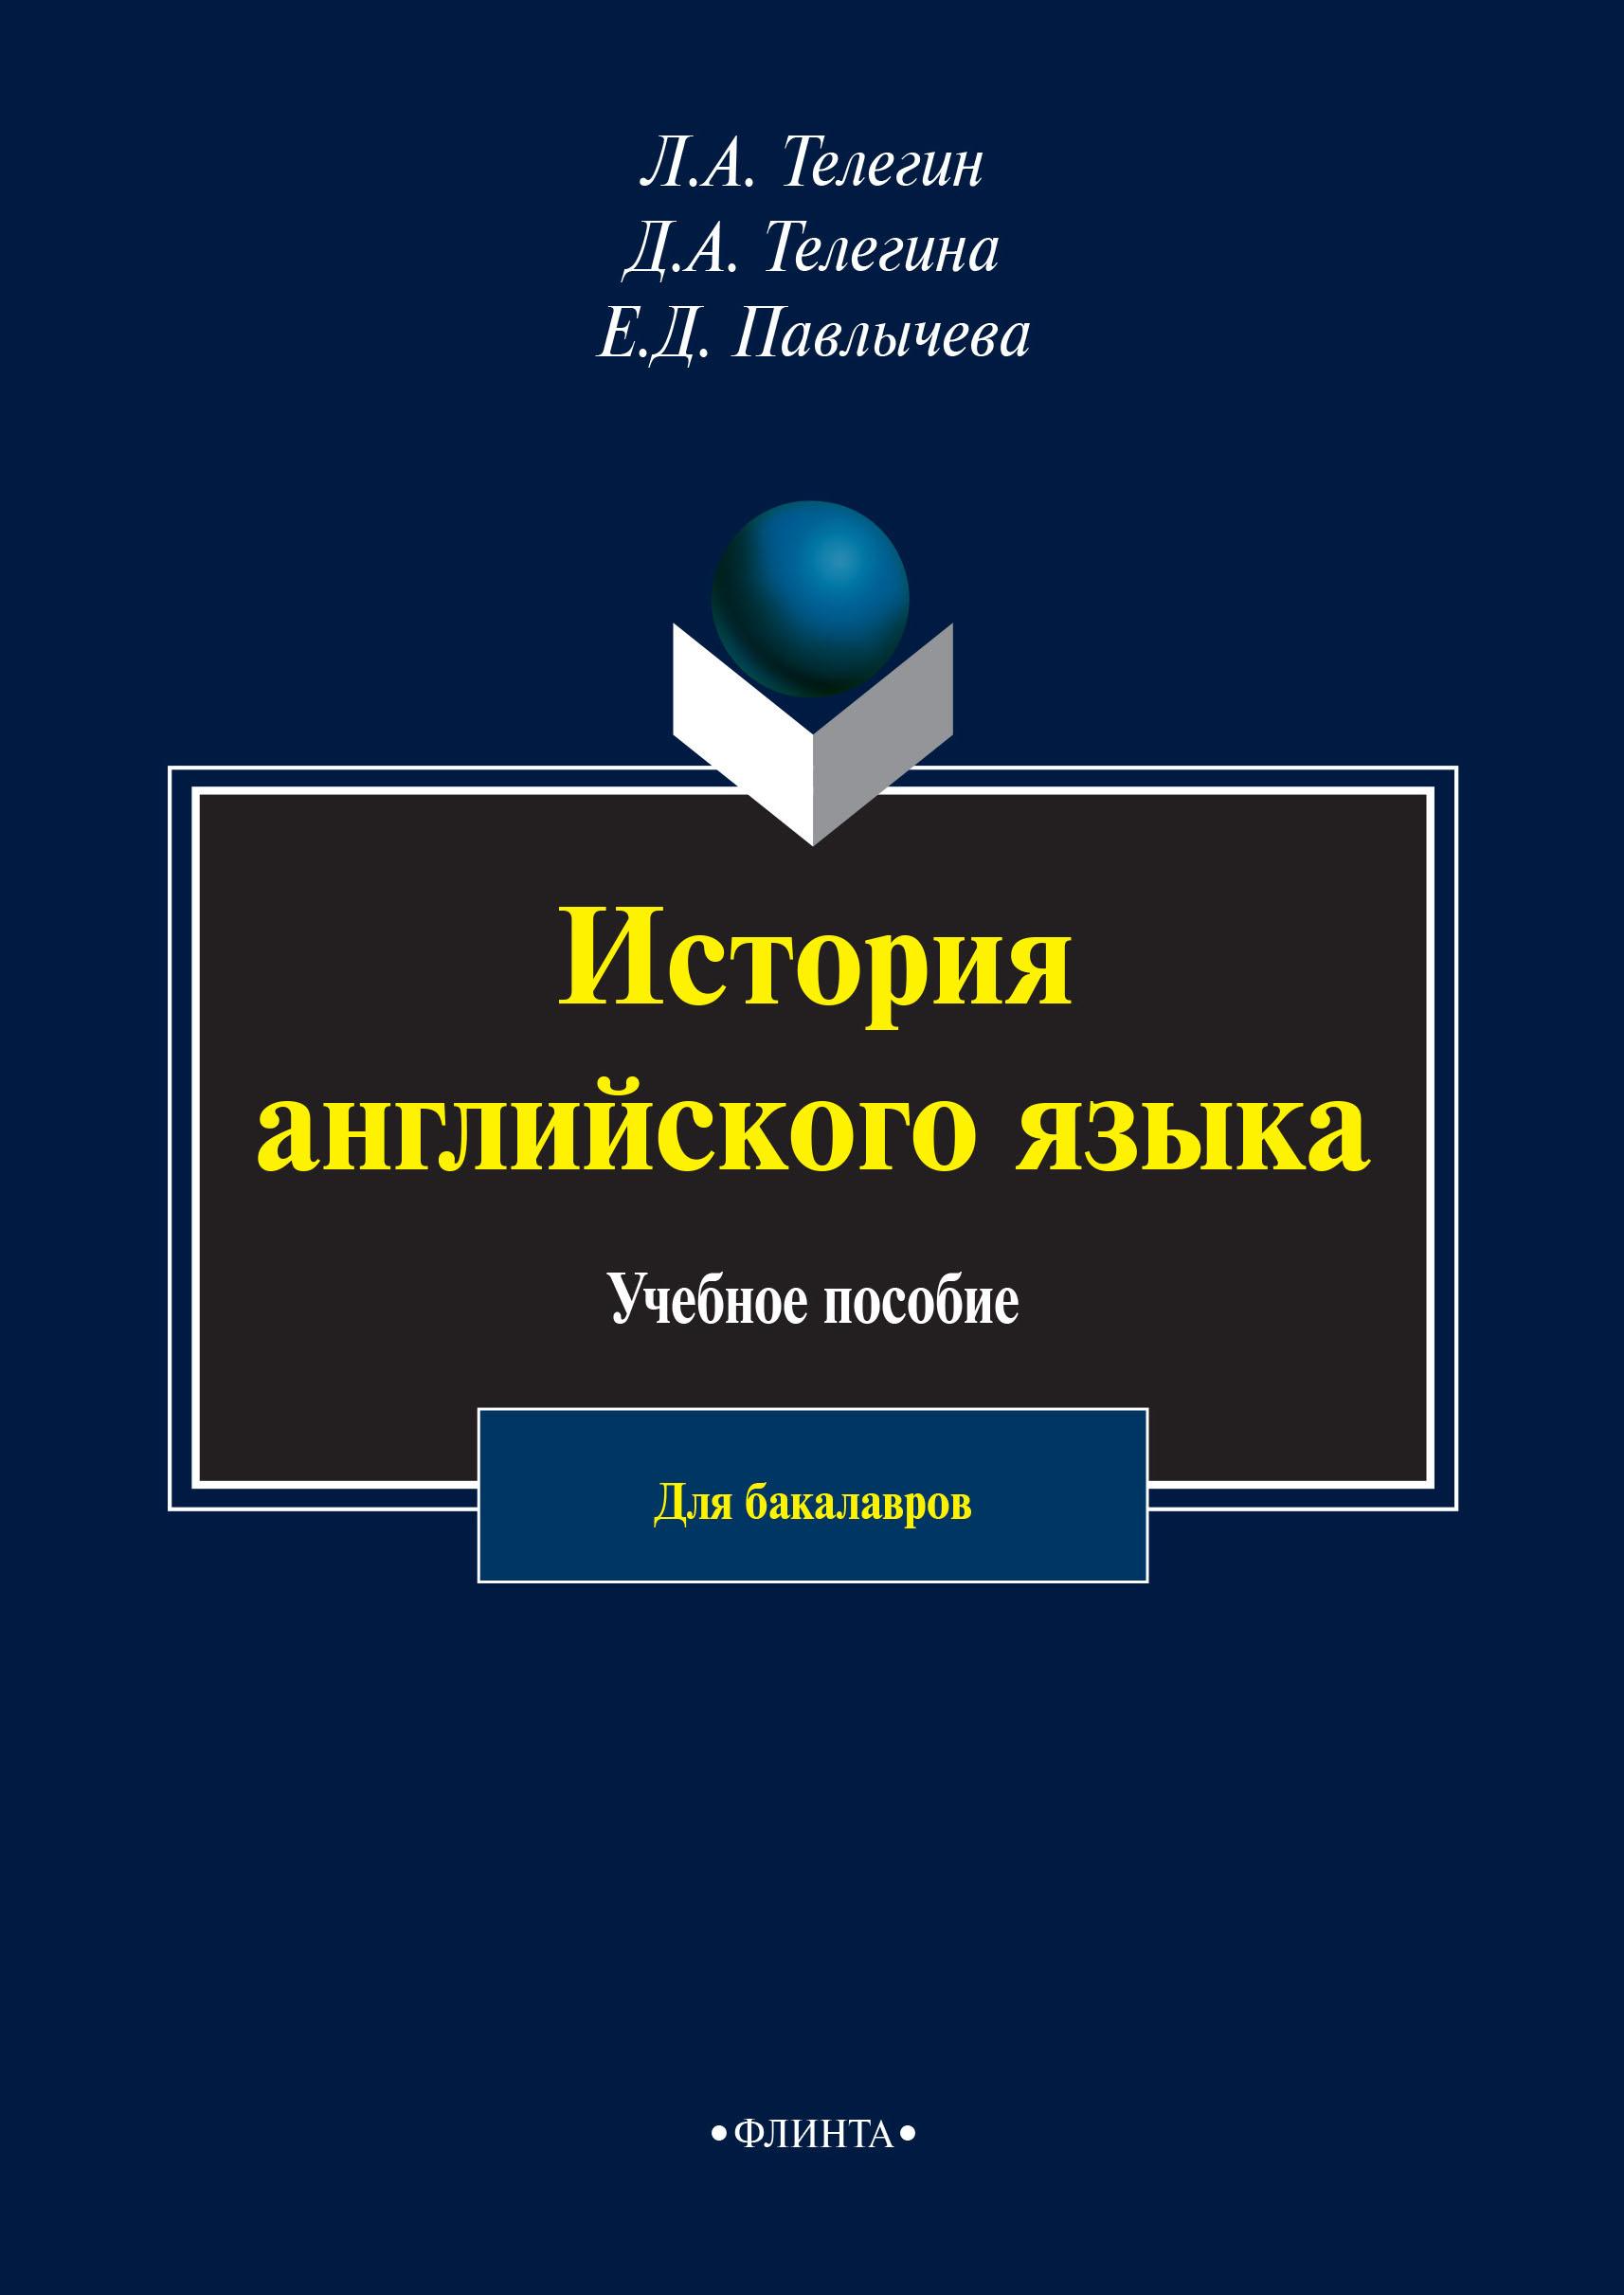 История английского языка ( Лев Телегин  )